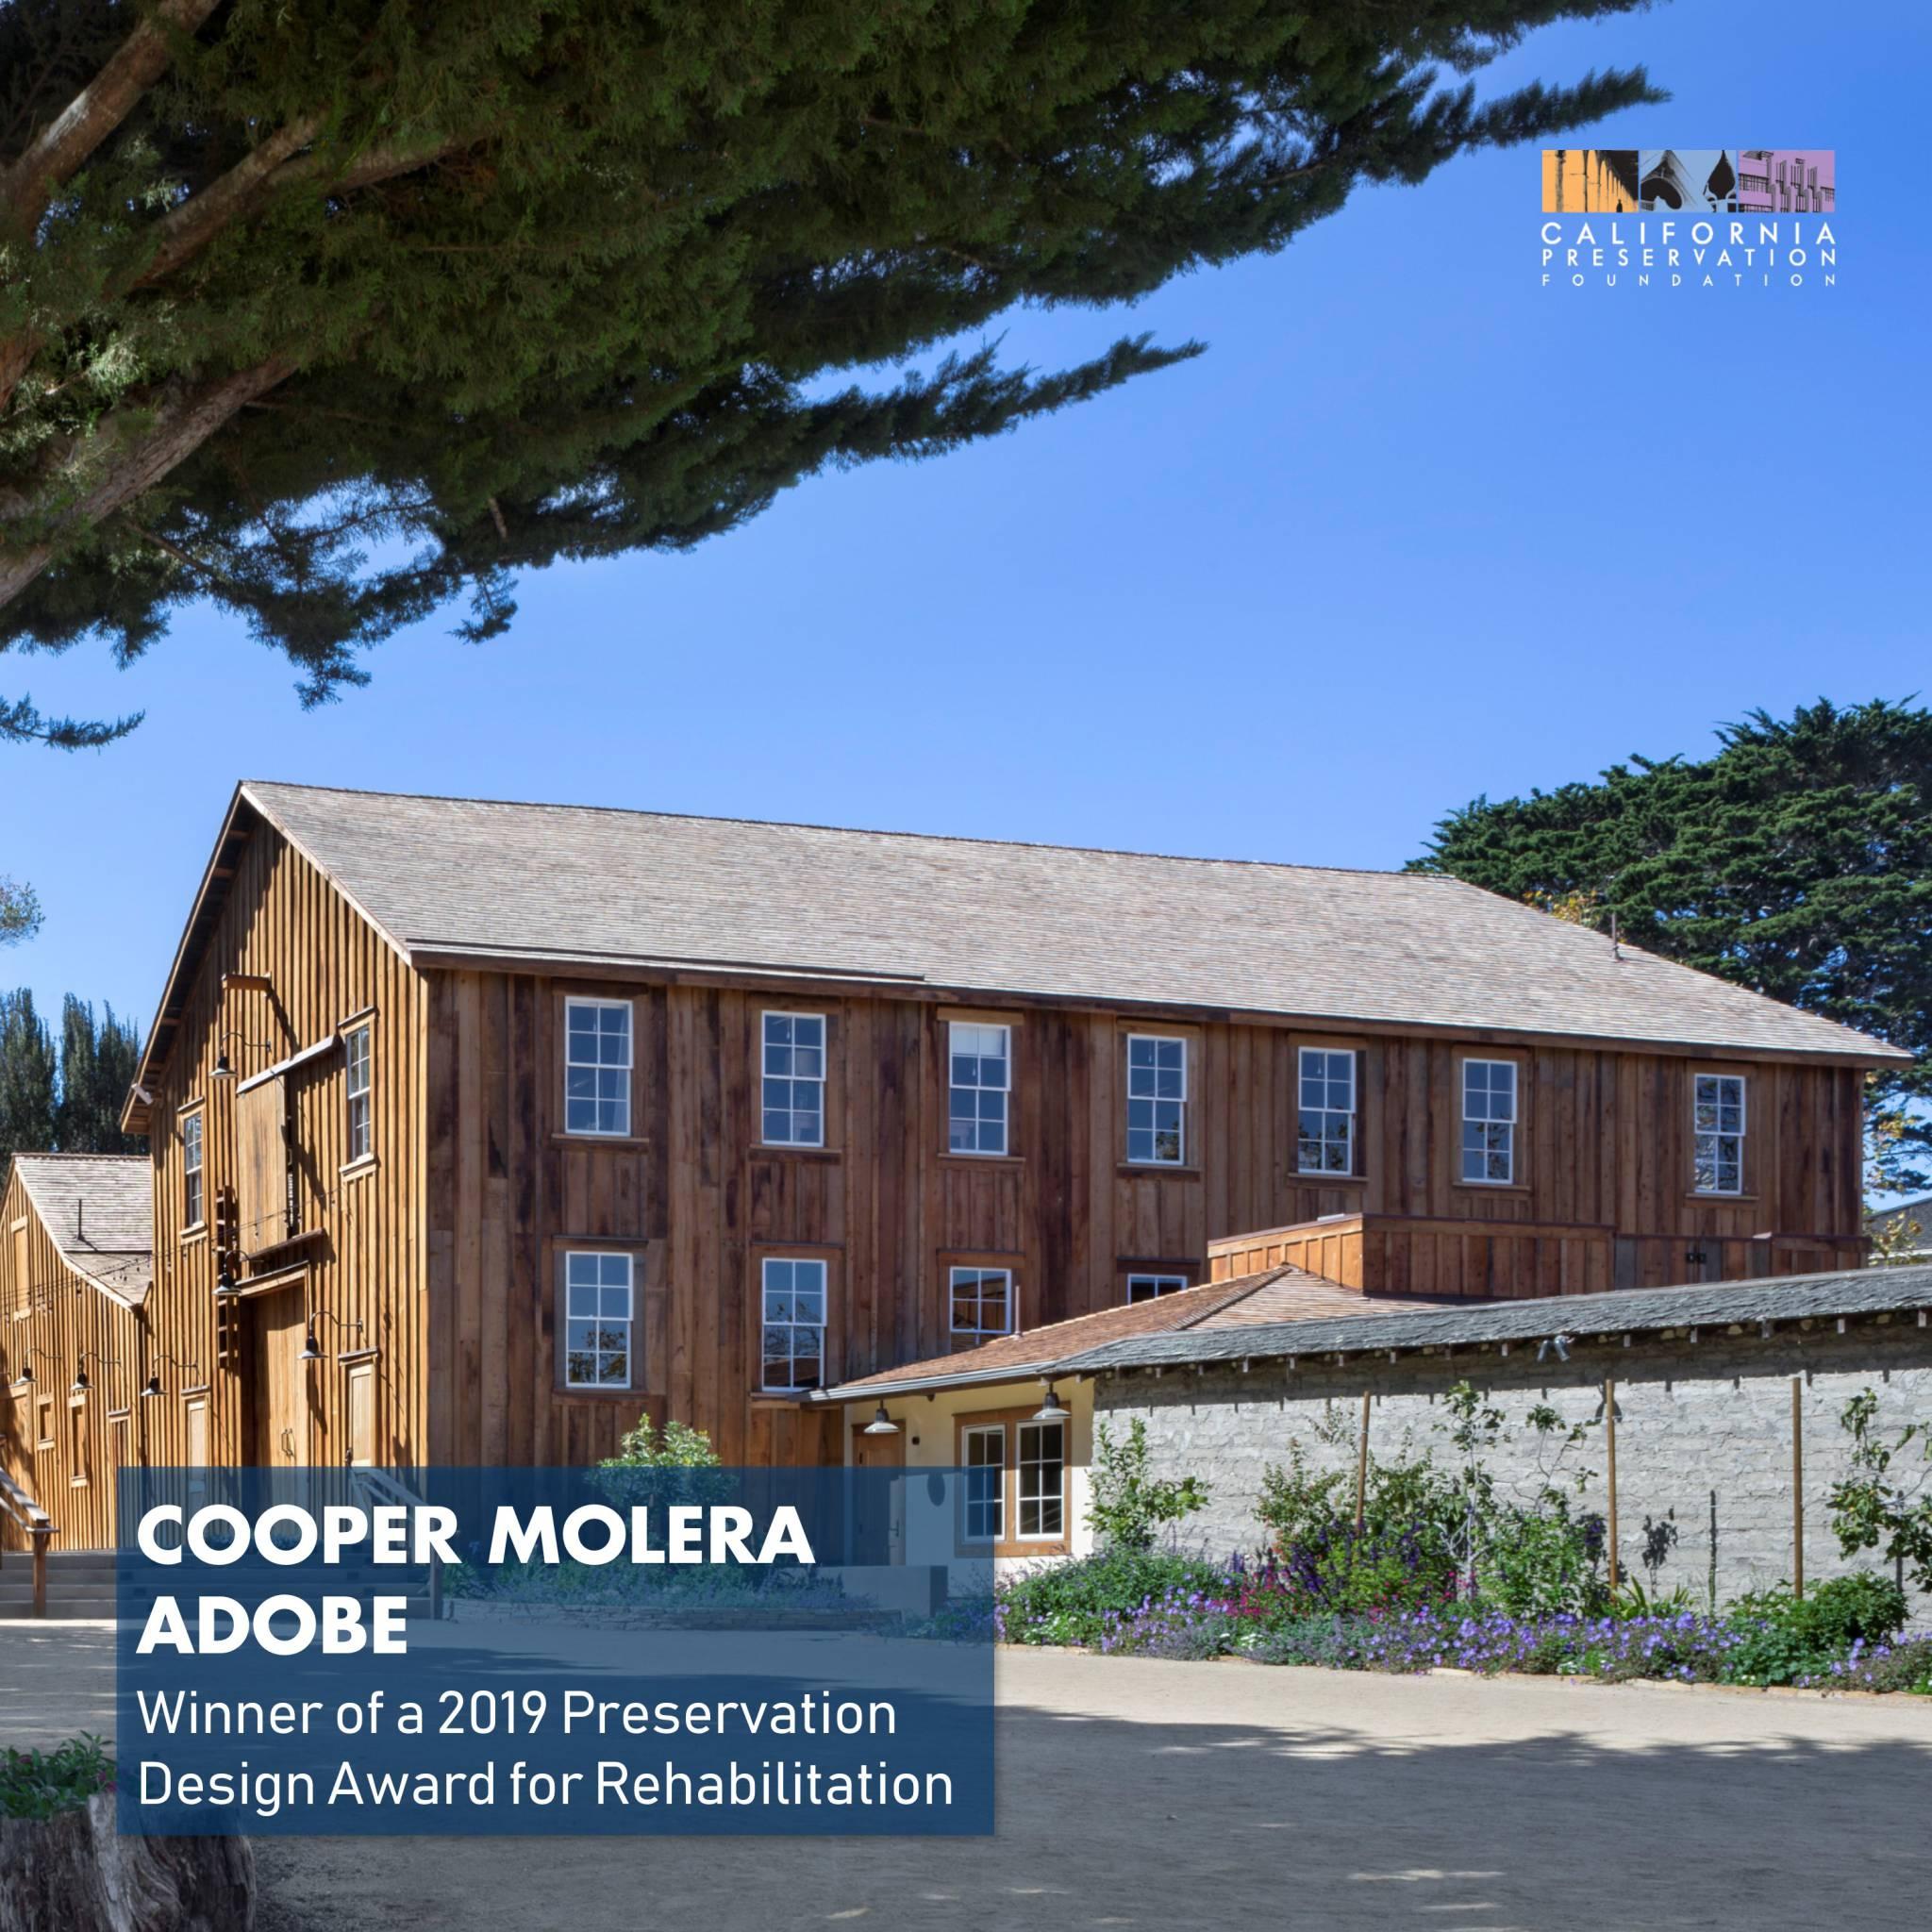 Cooper Molera